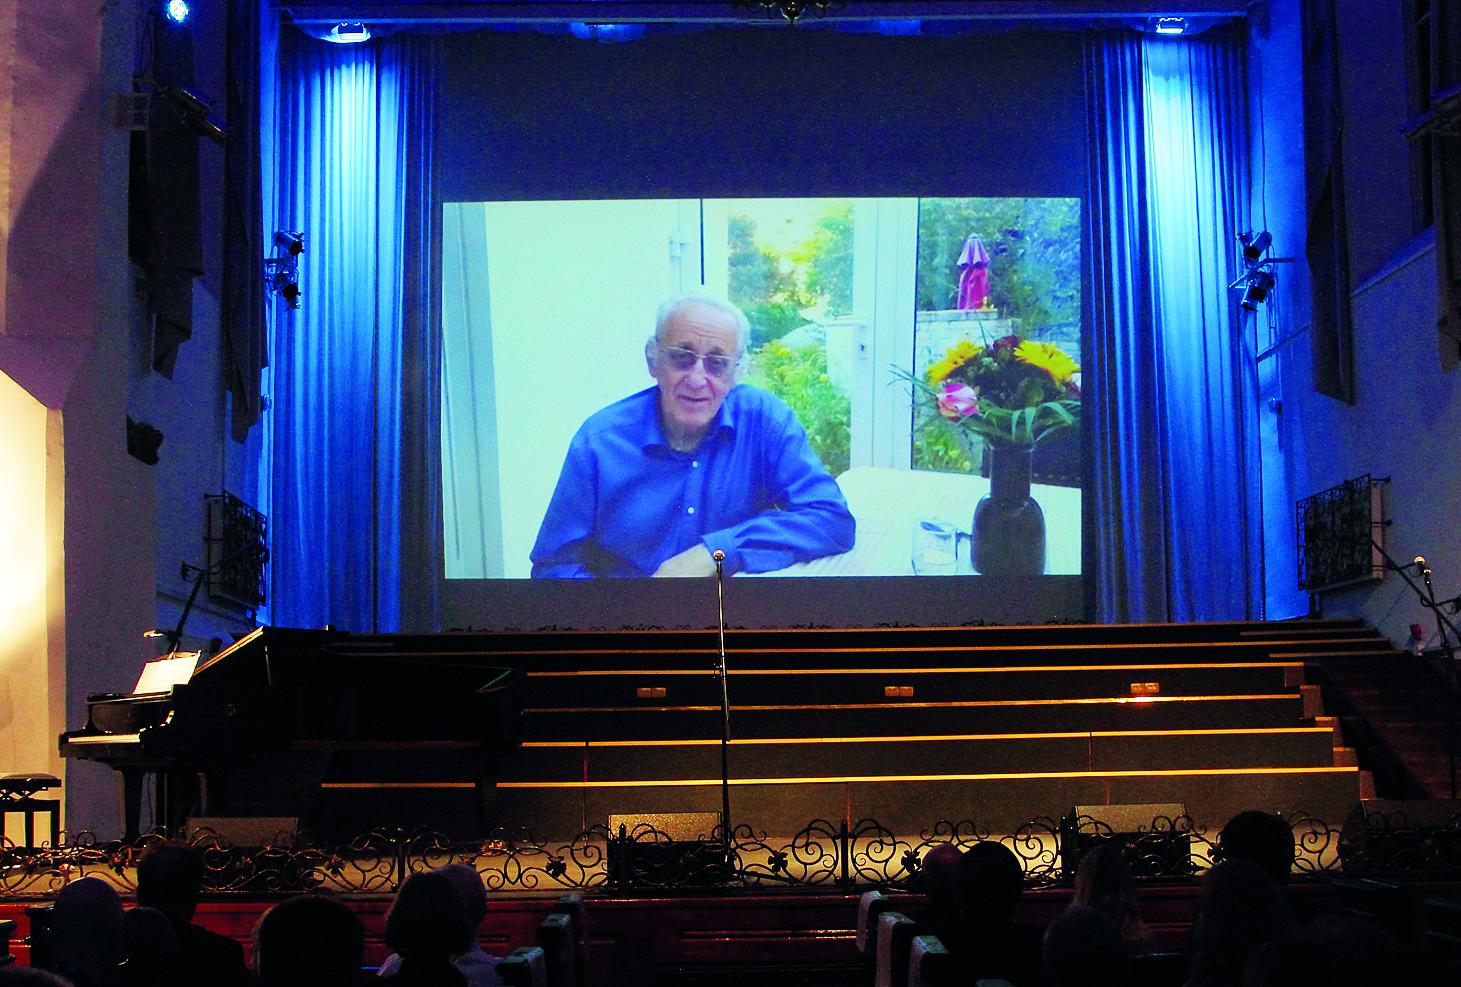 Видеообращение Наума Клеймана к зрителям фестиваля